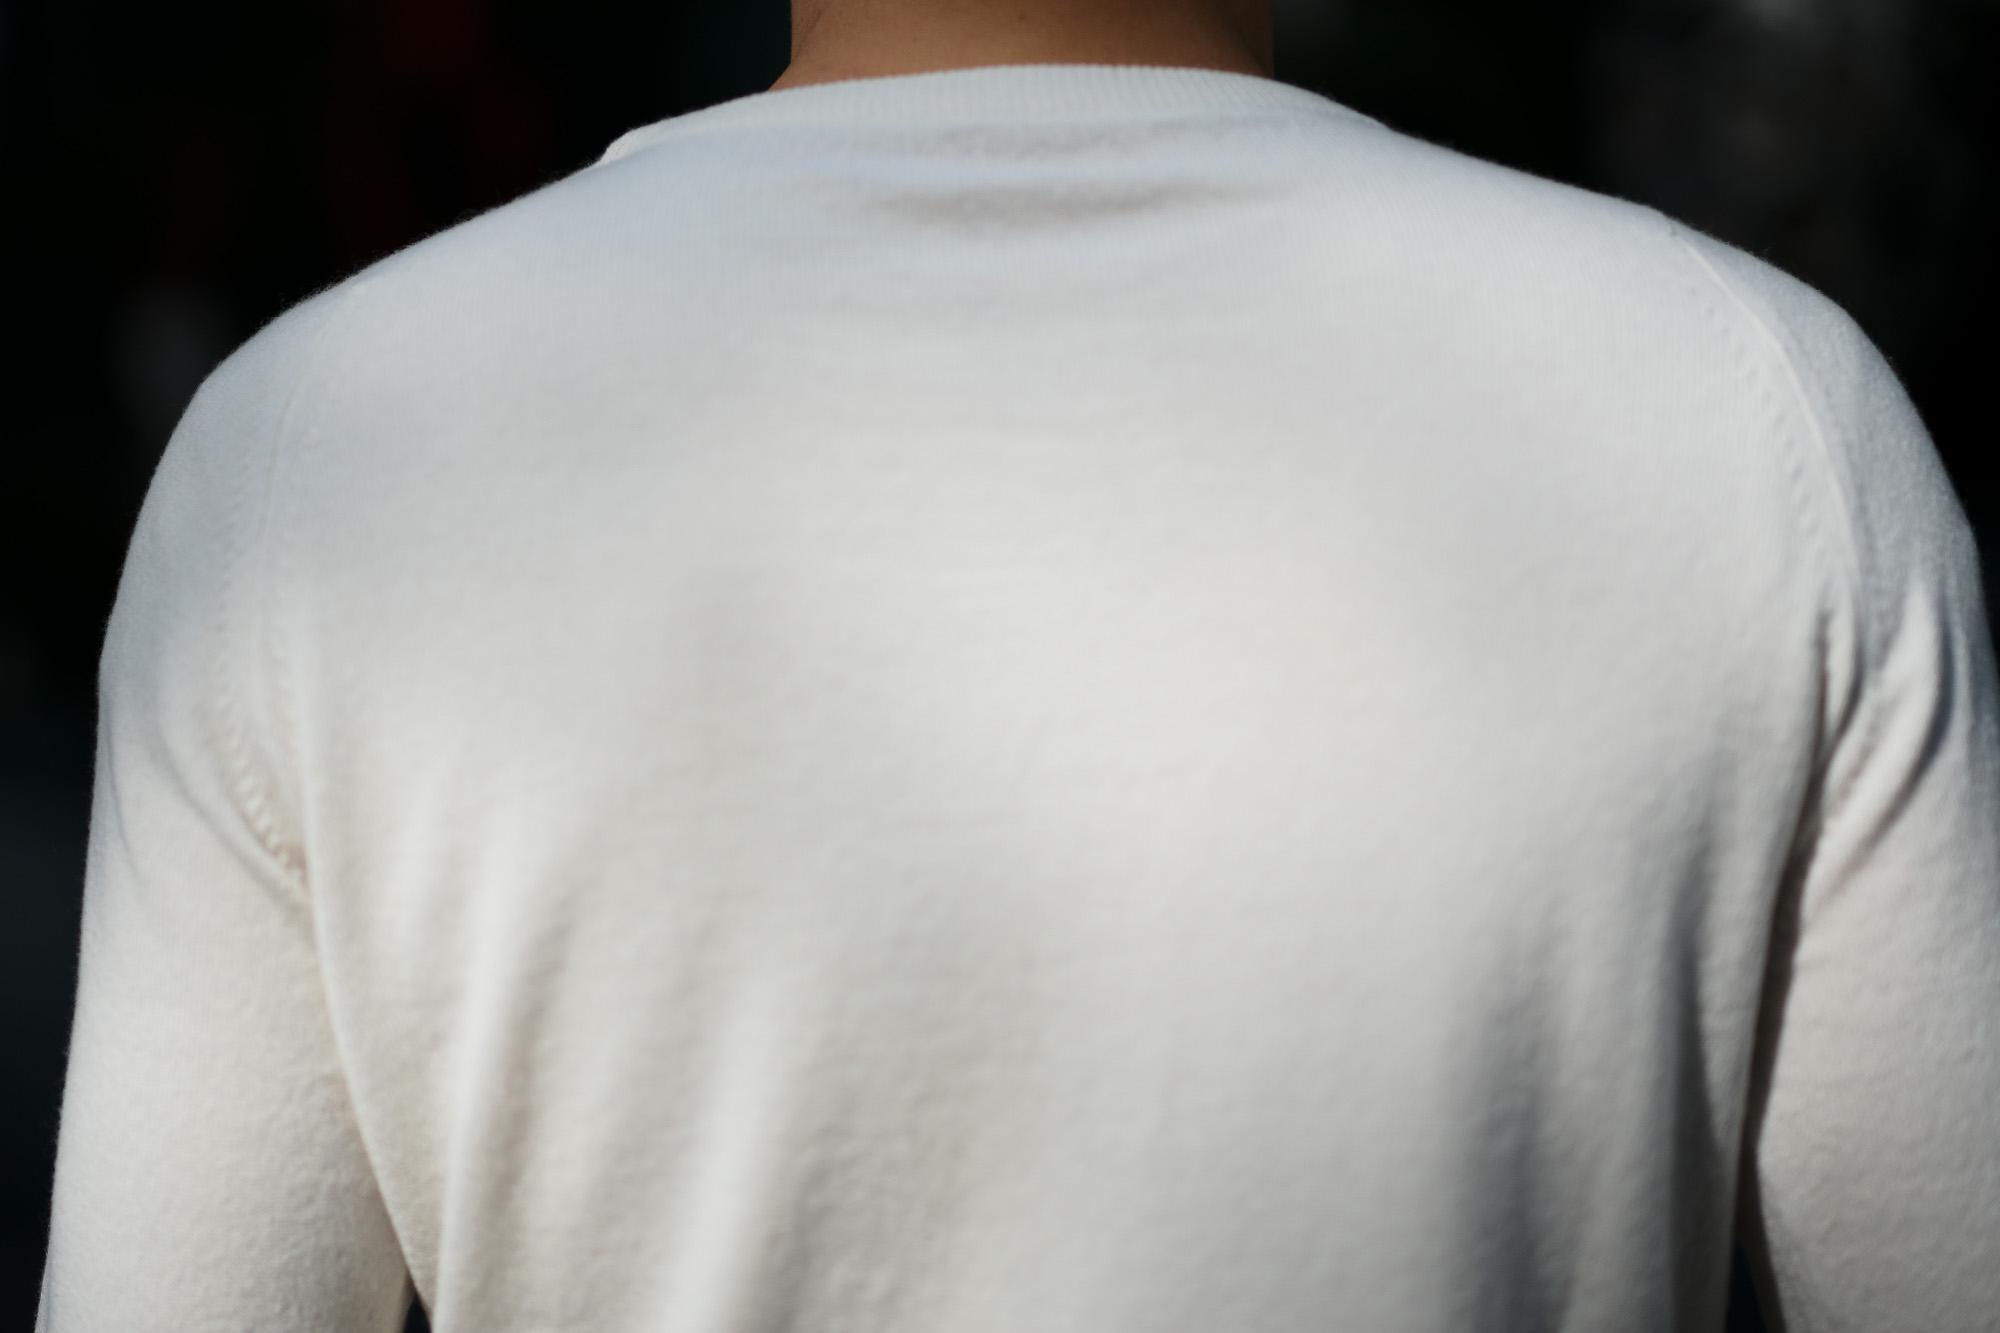 lucien pellat-finet (ルシアン ペラフィネ) Skull Tongue Cashmere Sweater (スカル タン カシミア セーター) インターシャ カシミア スカル セーター NIVEOUS × BLACK (ホワイト × ブラック) made in scotland (スコットランド製) 2019 秋冬新作 愛知 名古屋 altoediritto アルトエデリット